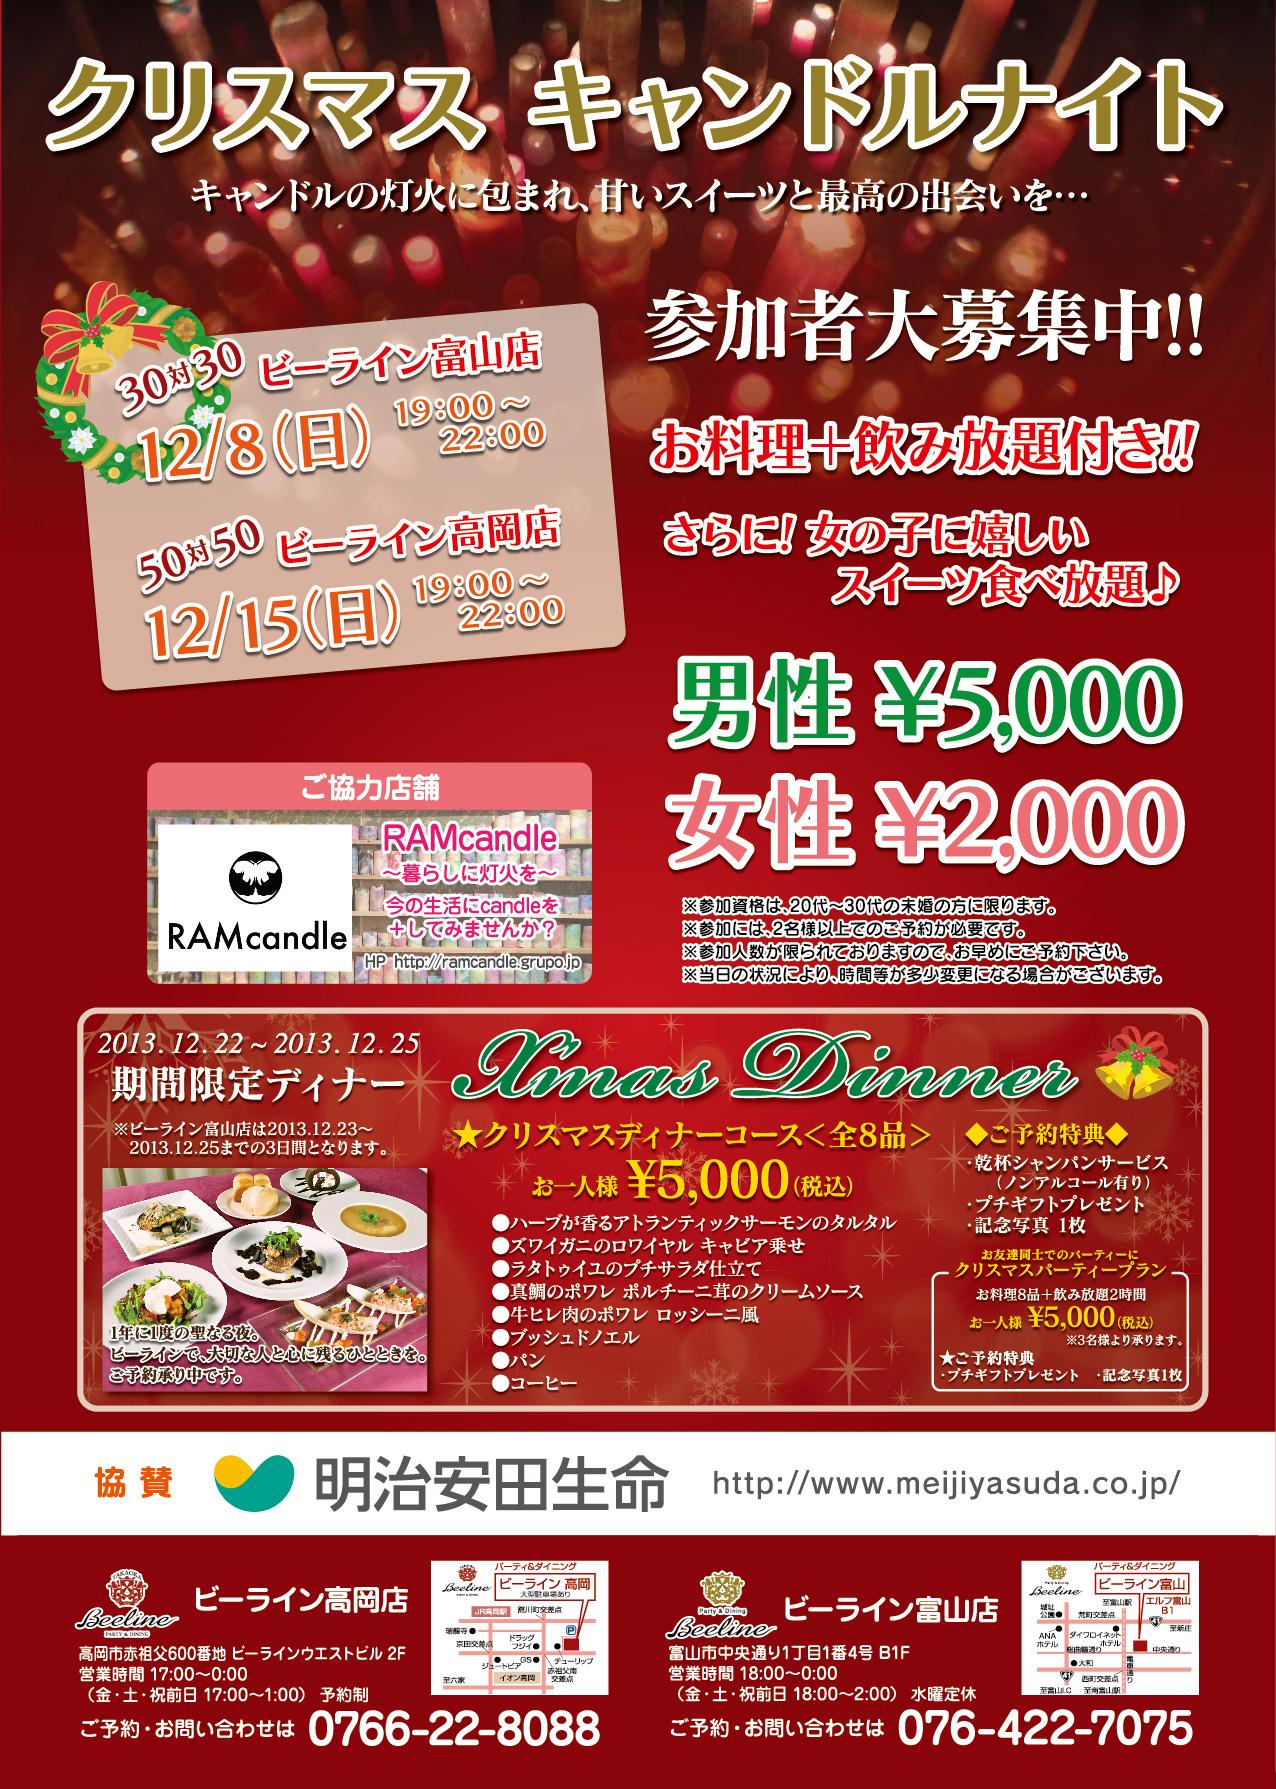 【ビーライン 業態】クリスマス TJ 広告(みほん)-01